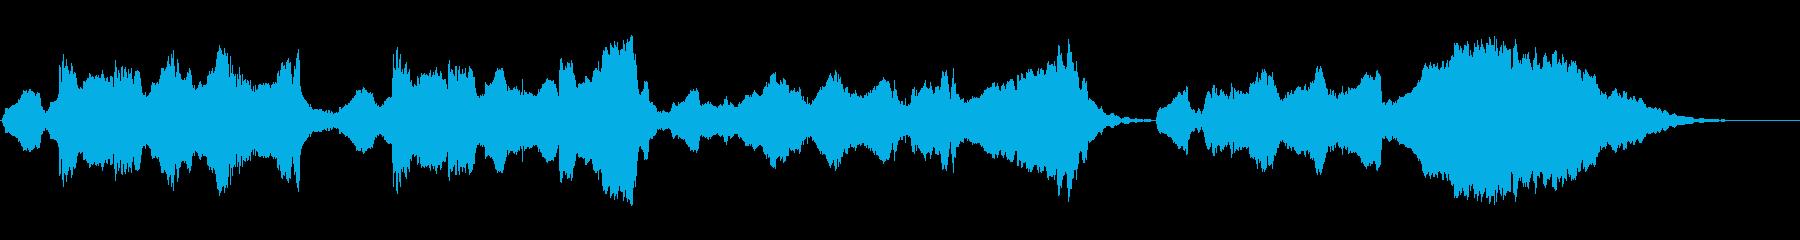 悲しい雰囲気のハッピーバースデーの再生済みの波形